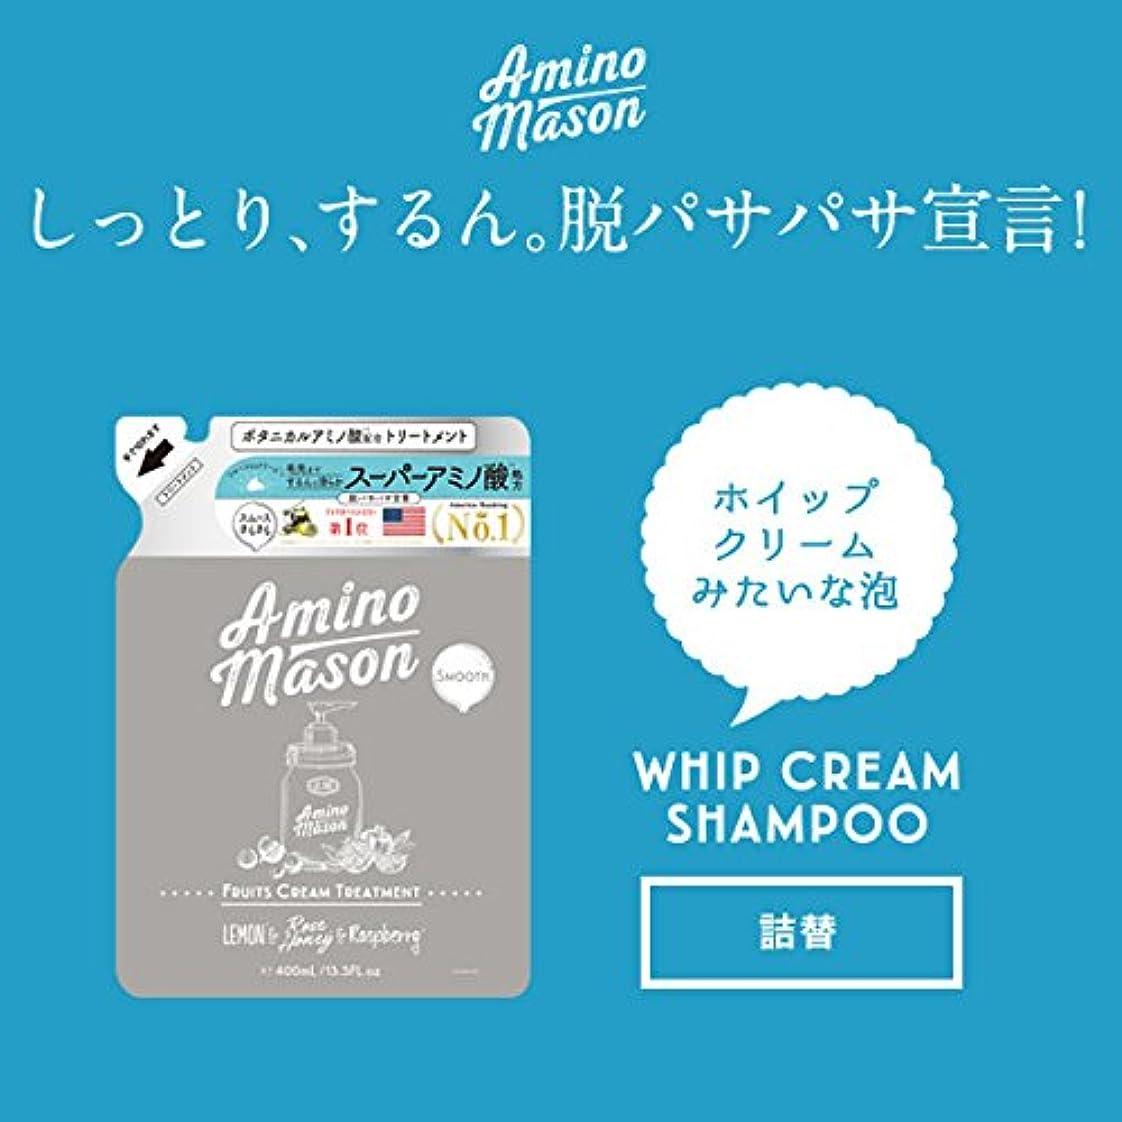 せせらぎとんでもないおなじみのAmino Mason アミノメイソン ホイップクリーム シャンプー 詰め替え 400ml (スムース)